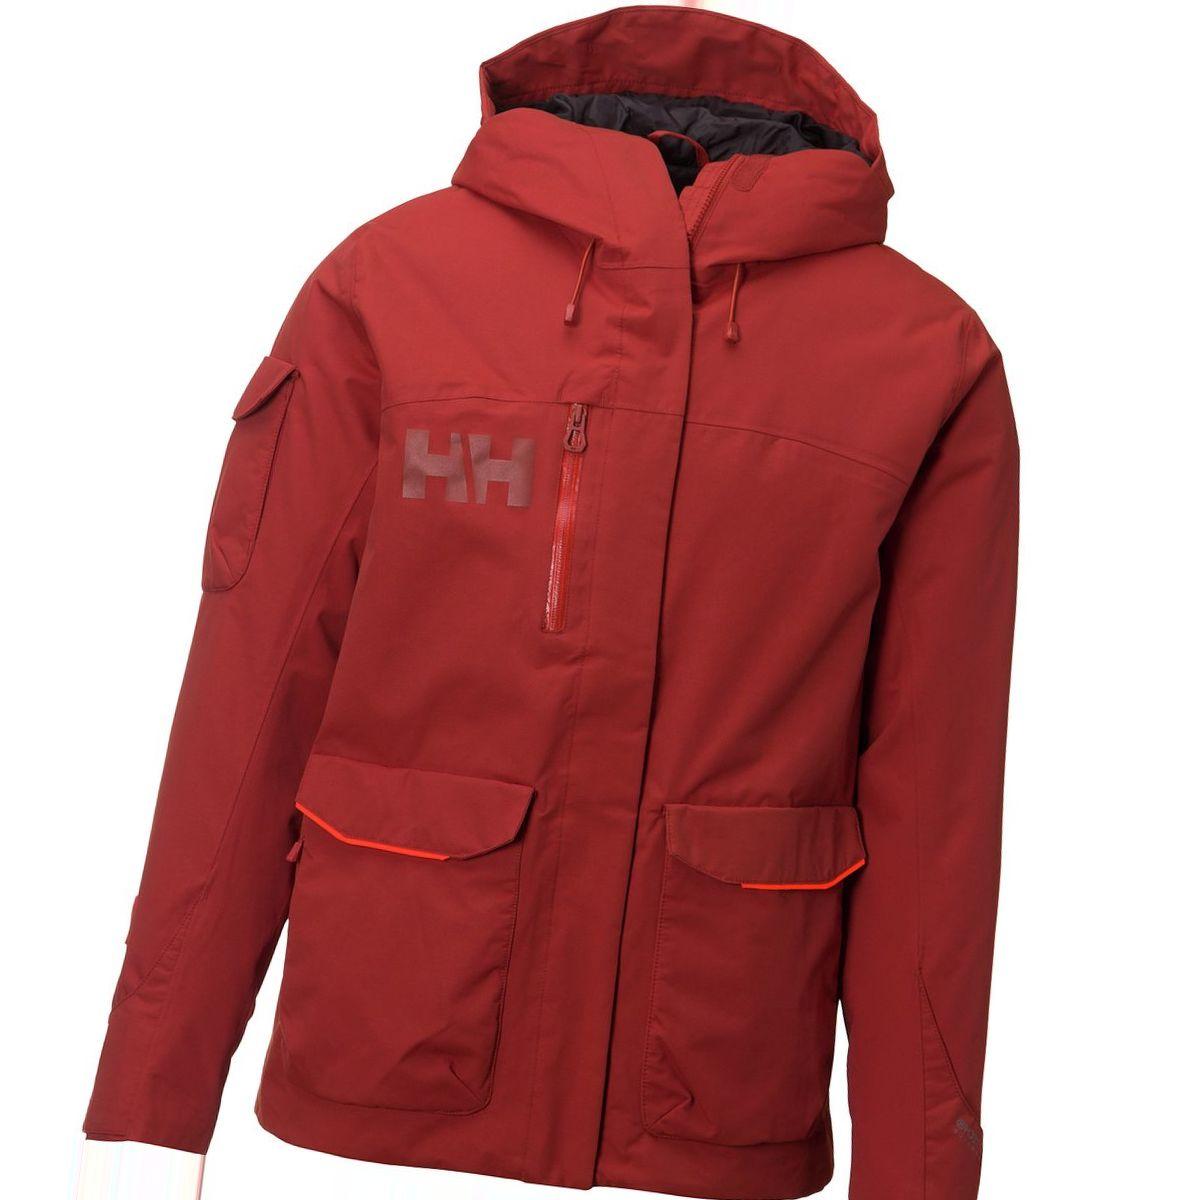 Helly Hansen Fernie 2.0 Jacket - Men's